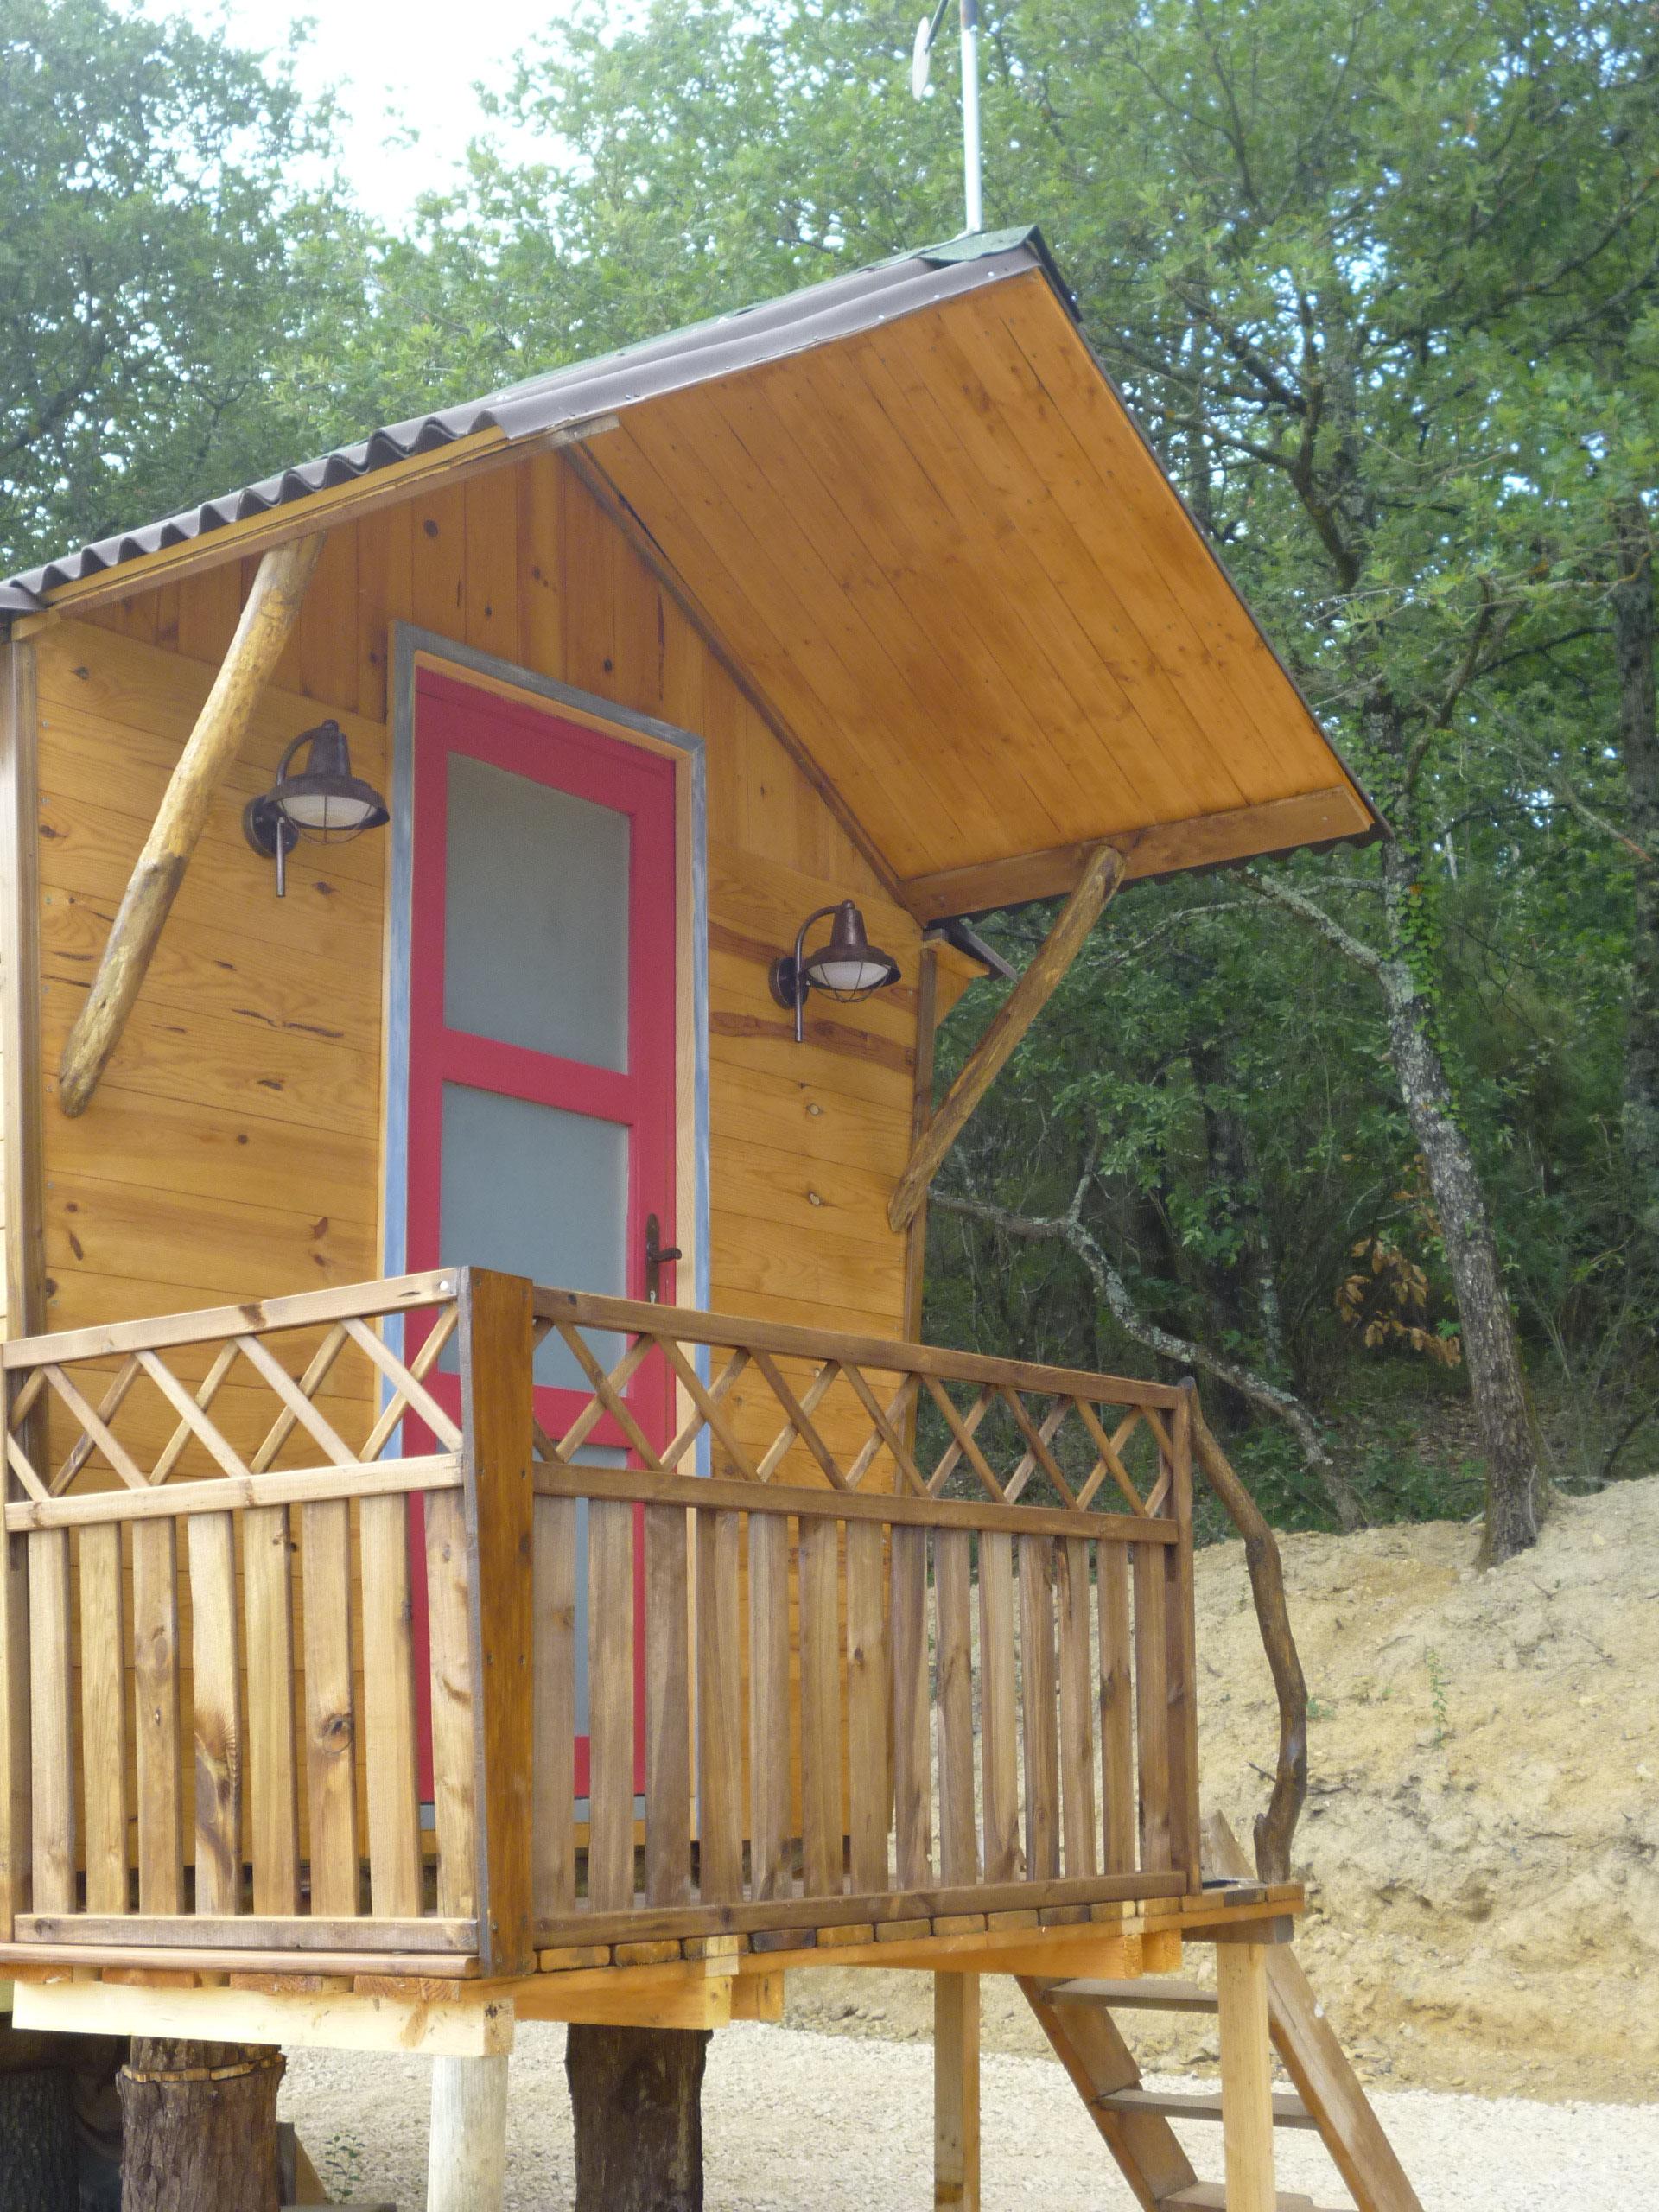 Cabane Hobbit the tiny house - hébergement insolite en yourte, cabane de hobbit